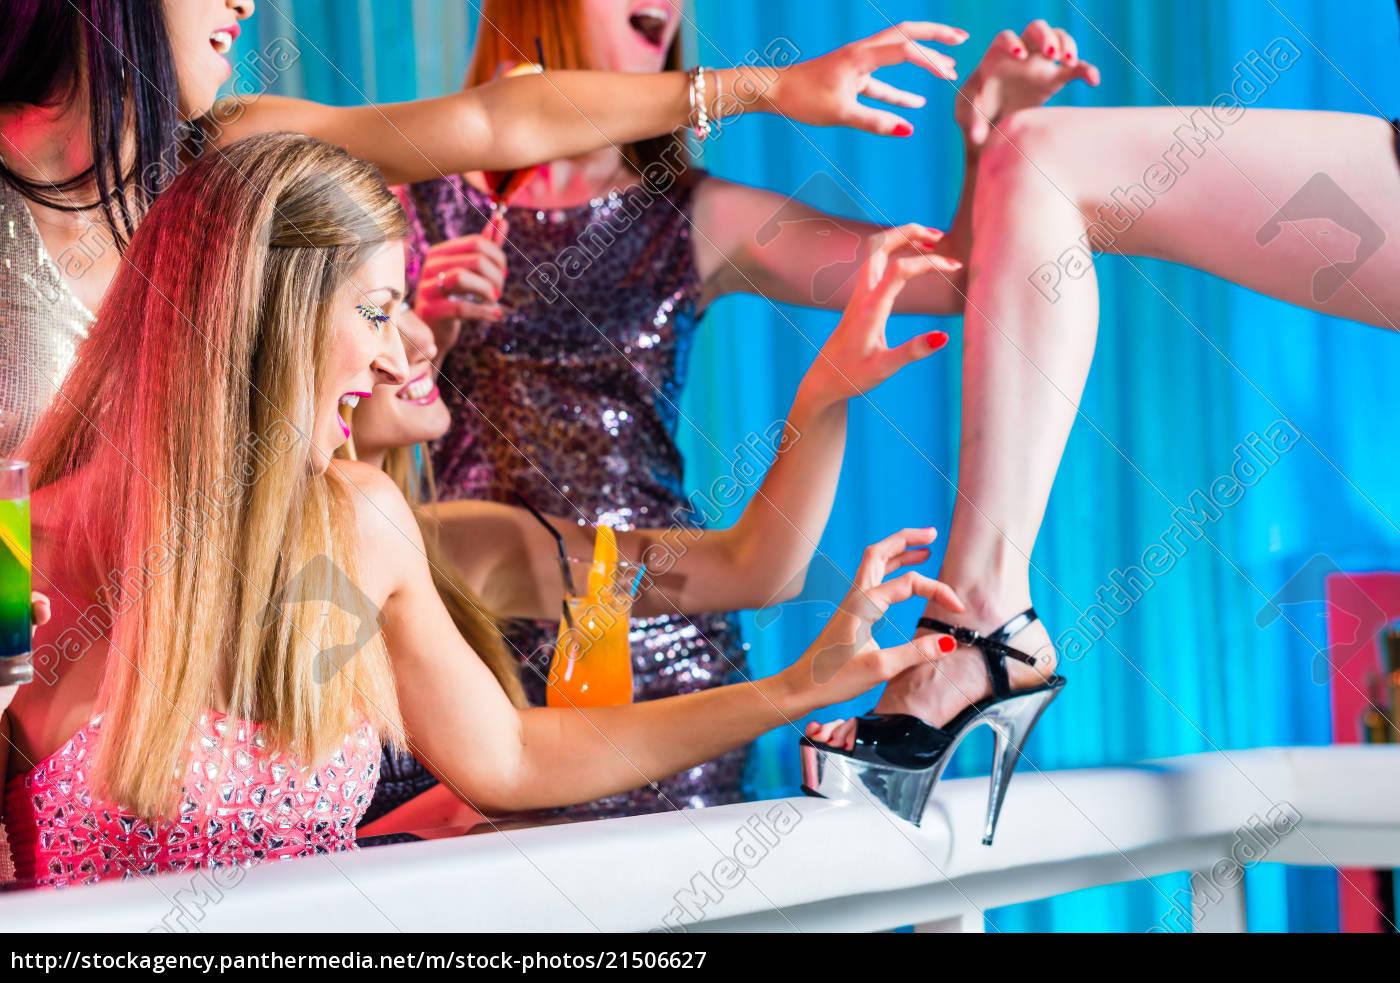 Best porno drunk women at strip clubs